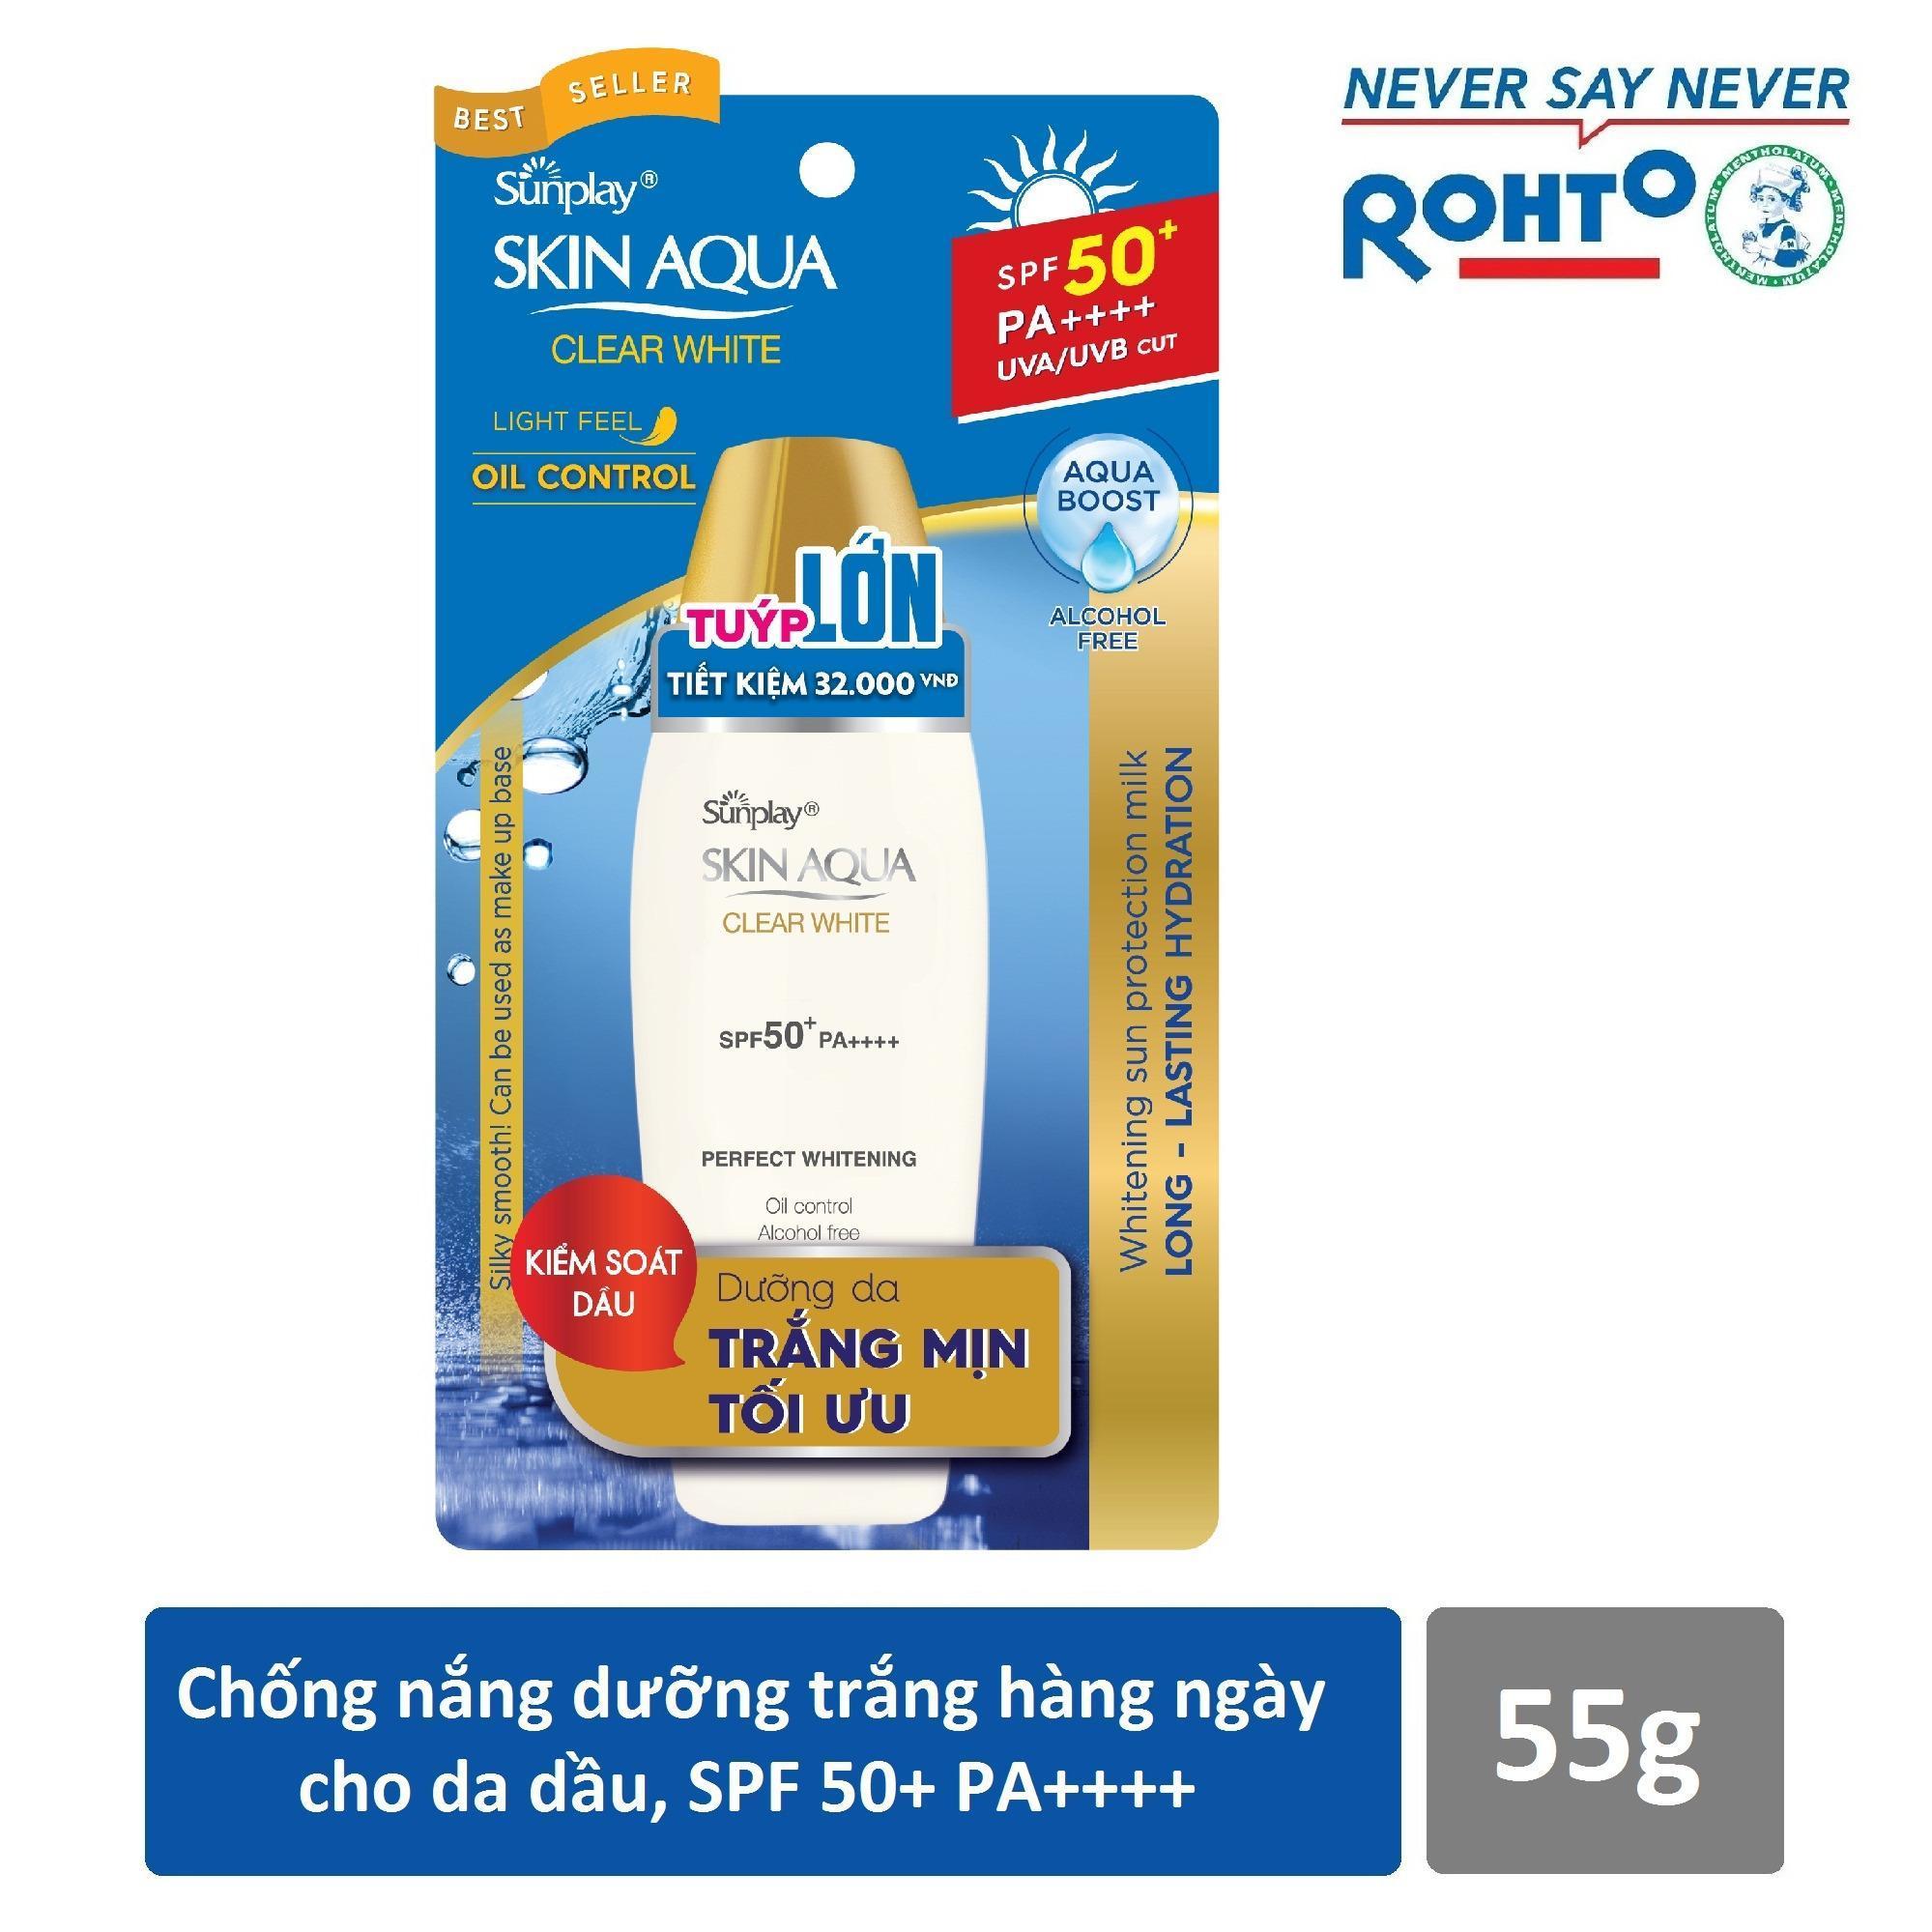 Kem chống nắng Sunplay Skin Aqua Trắng Mịn Tối Ưu SPF 50 55gr nhập khẩu